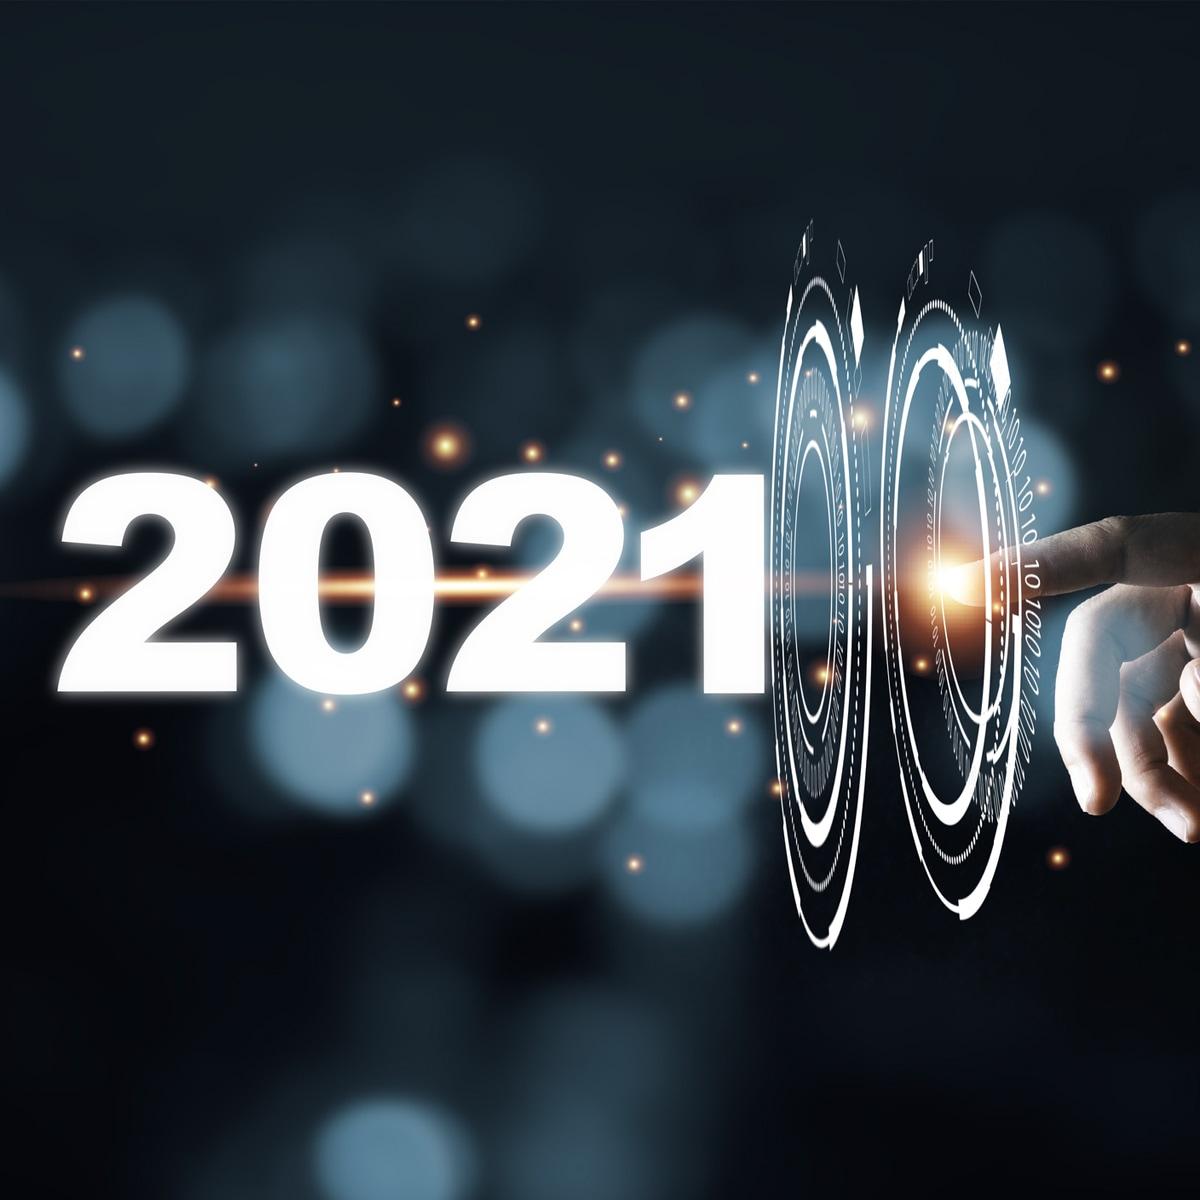 Il 2020 è stato un anno epocale: sarà così anche il 2021?